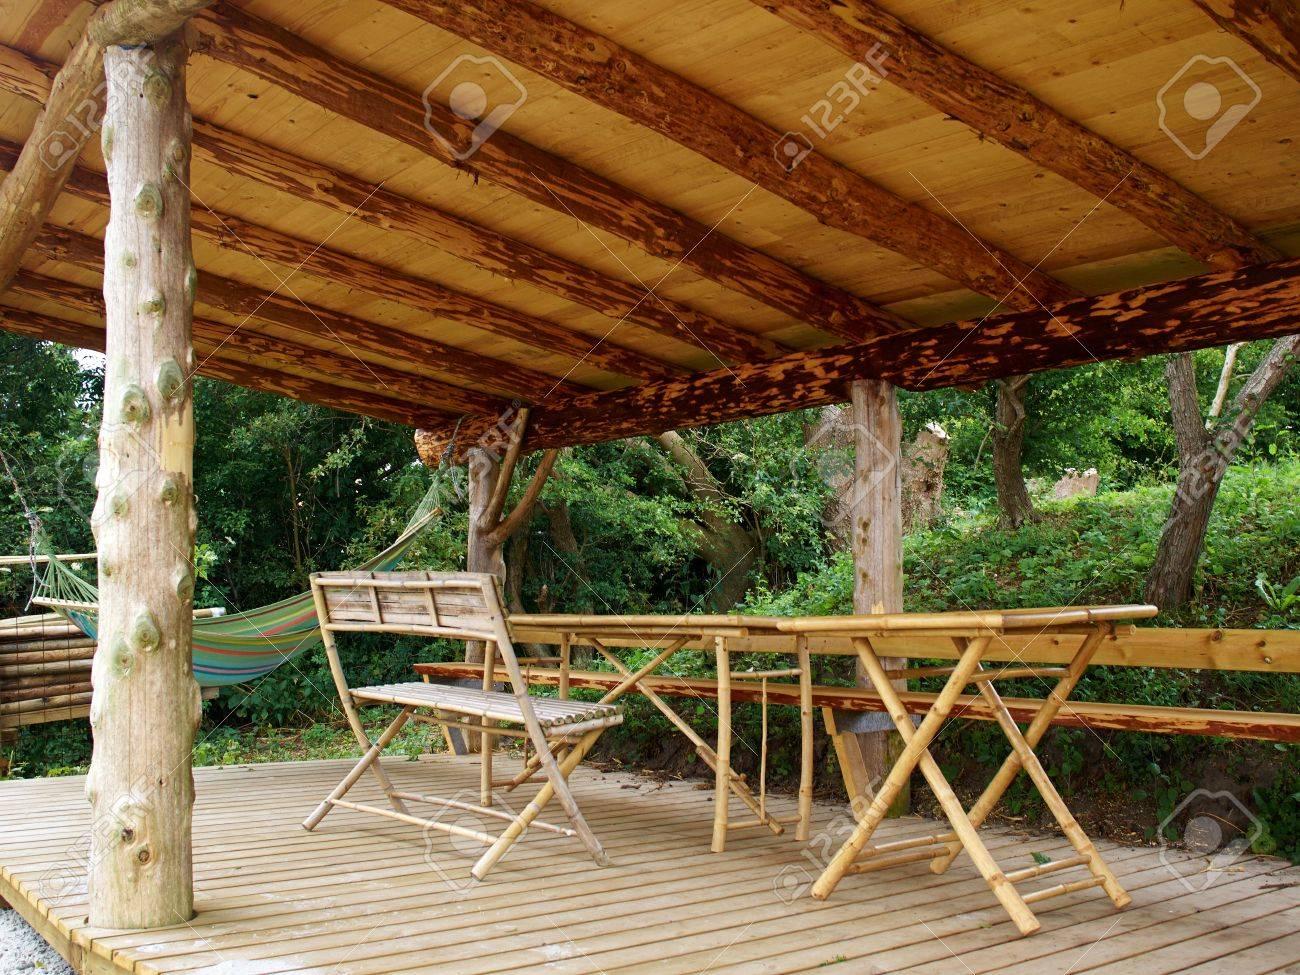 Tradicional Pérgola De Madera Hecho A Mano Con Muebles De Jardín En ...